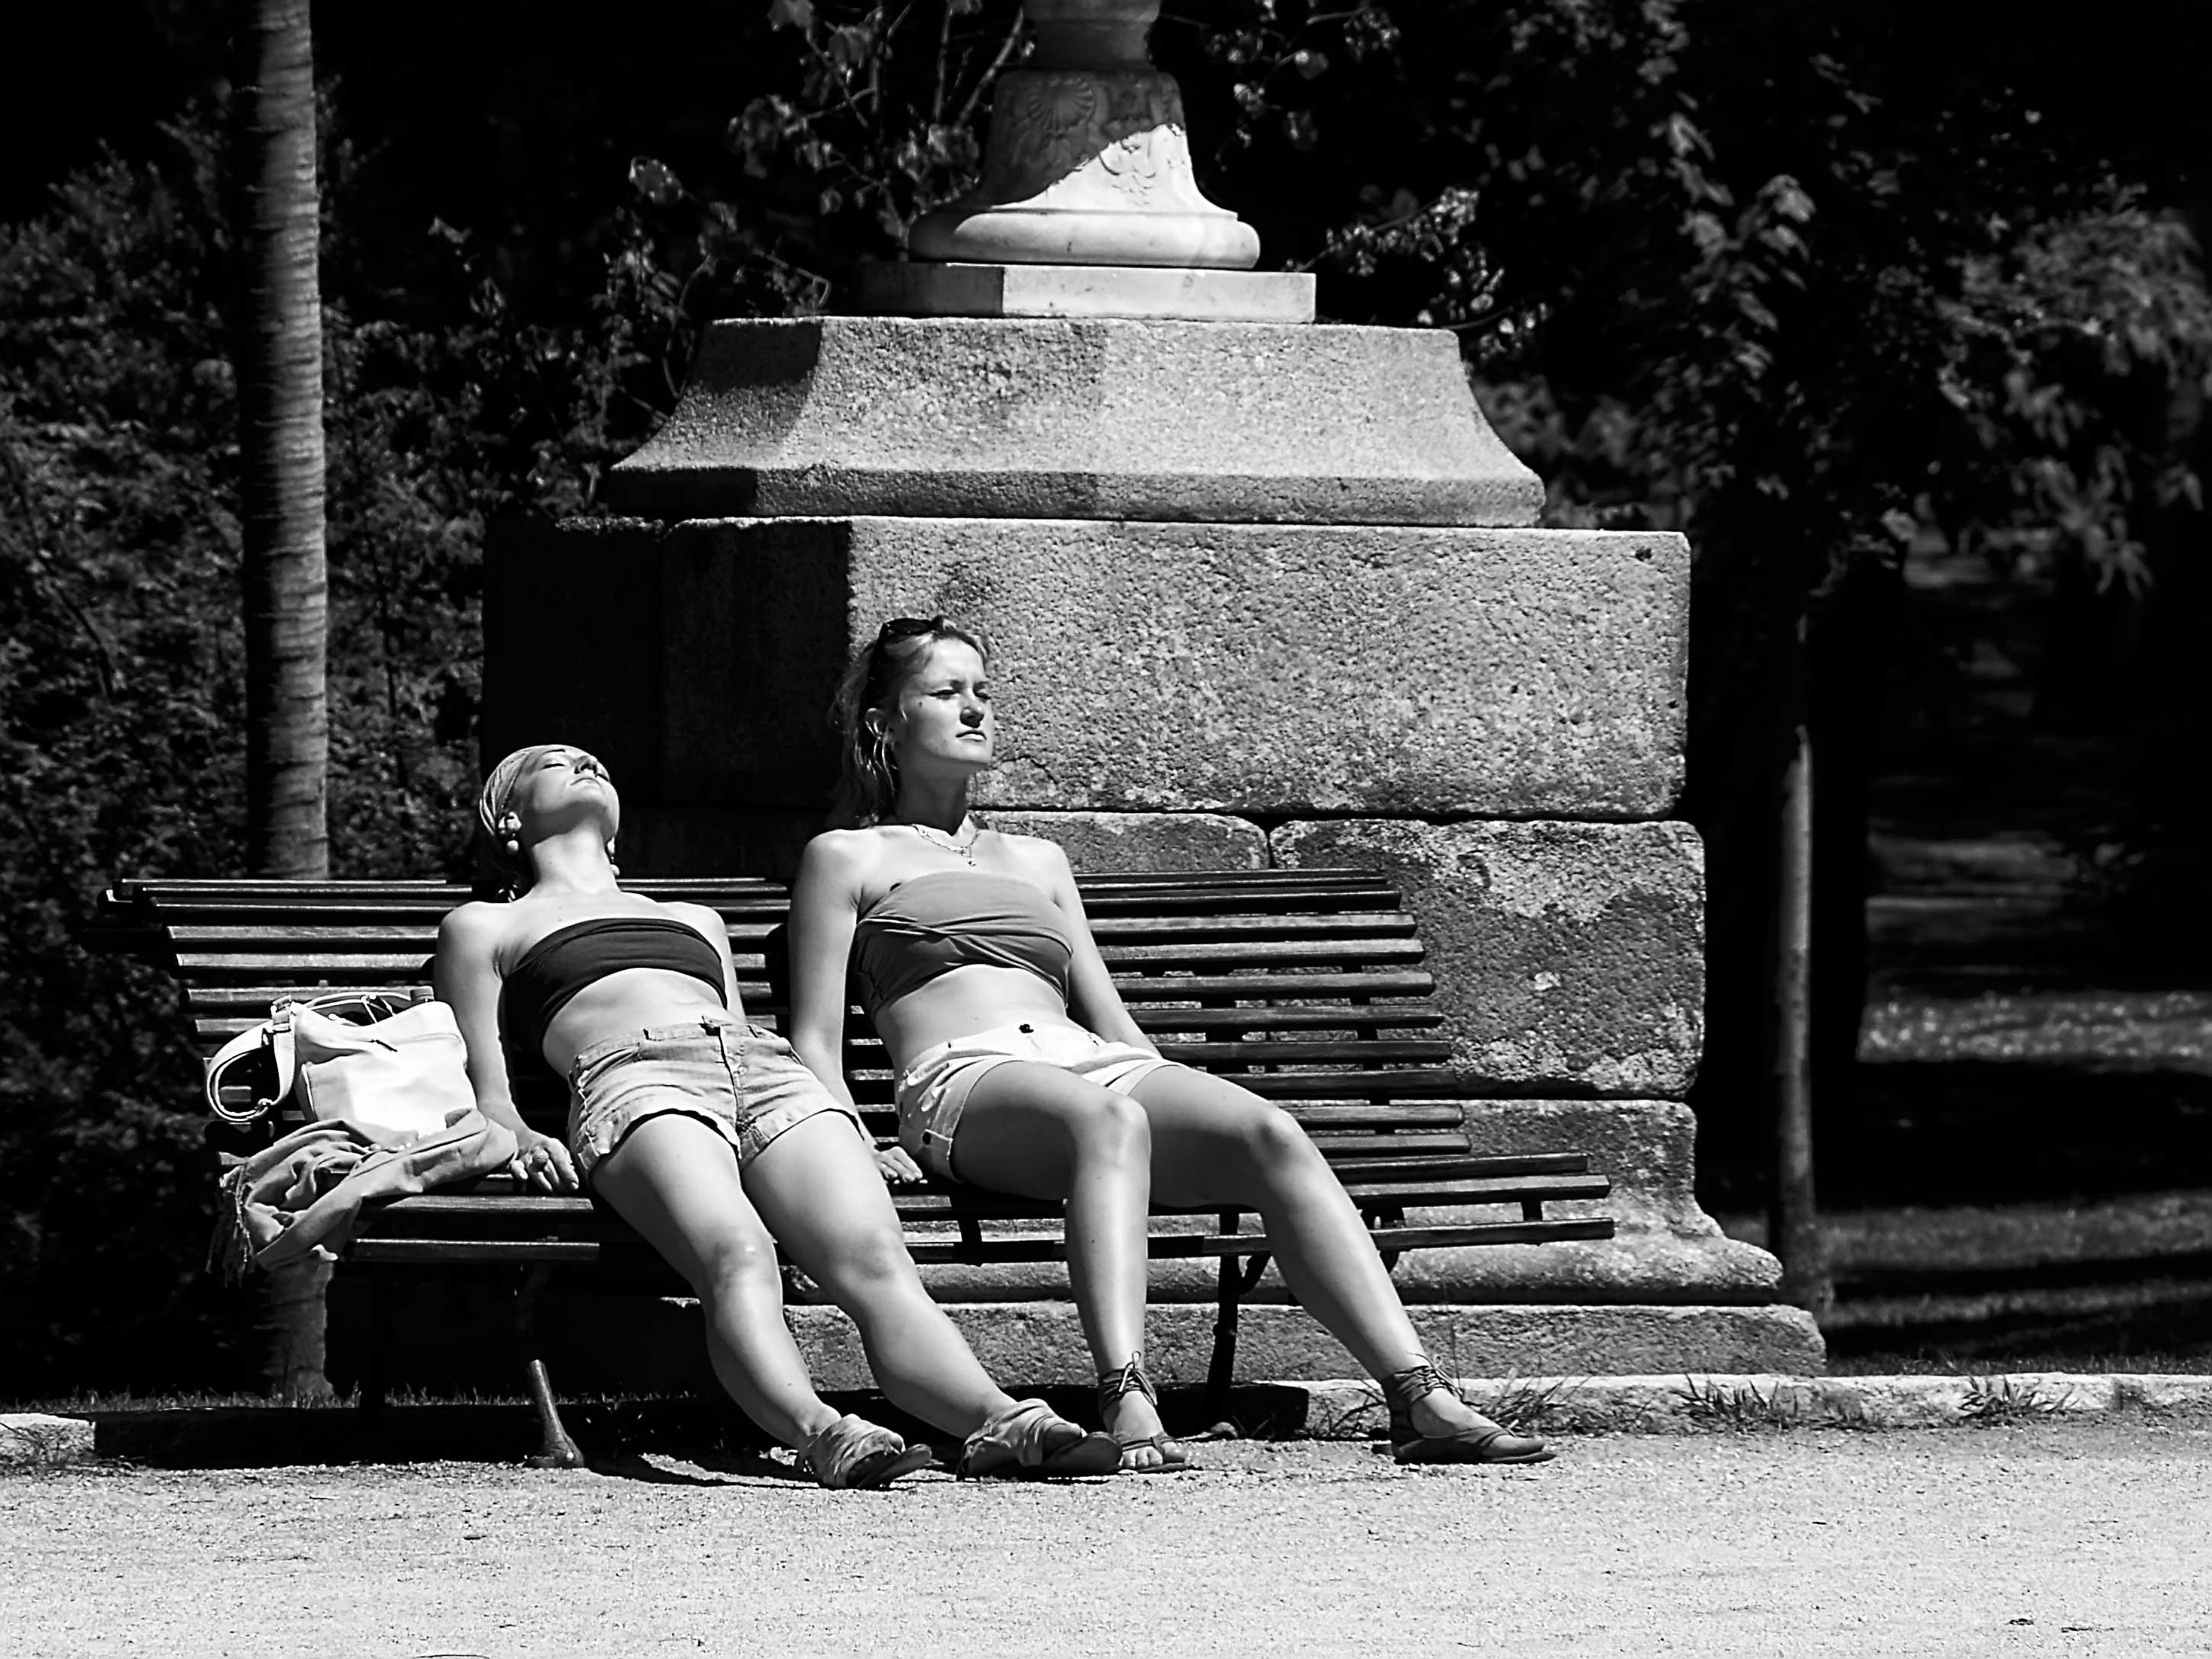 У нас сиеста: районы и парки Мадрида